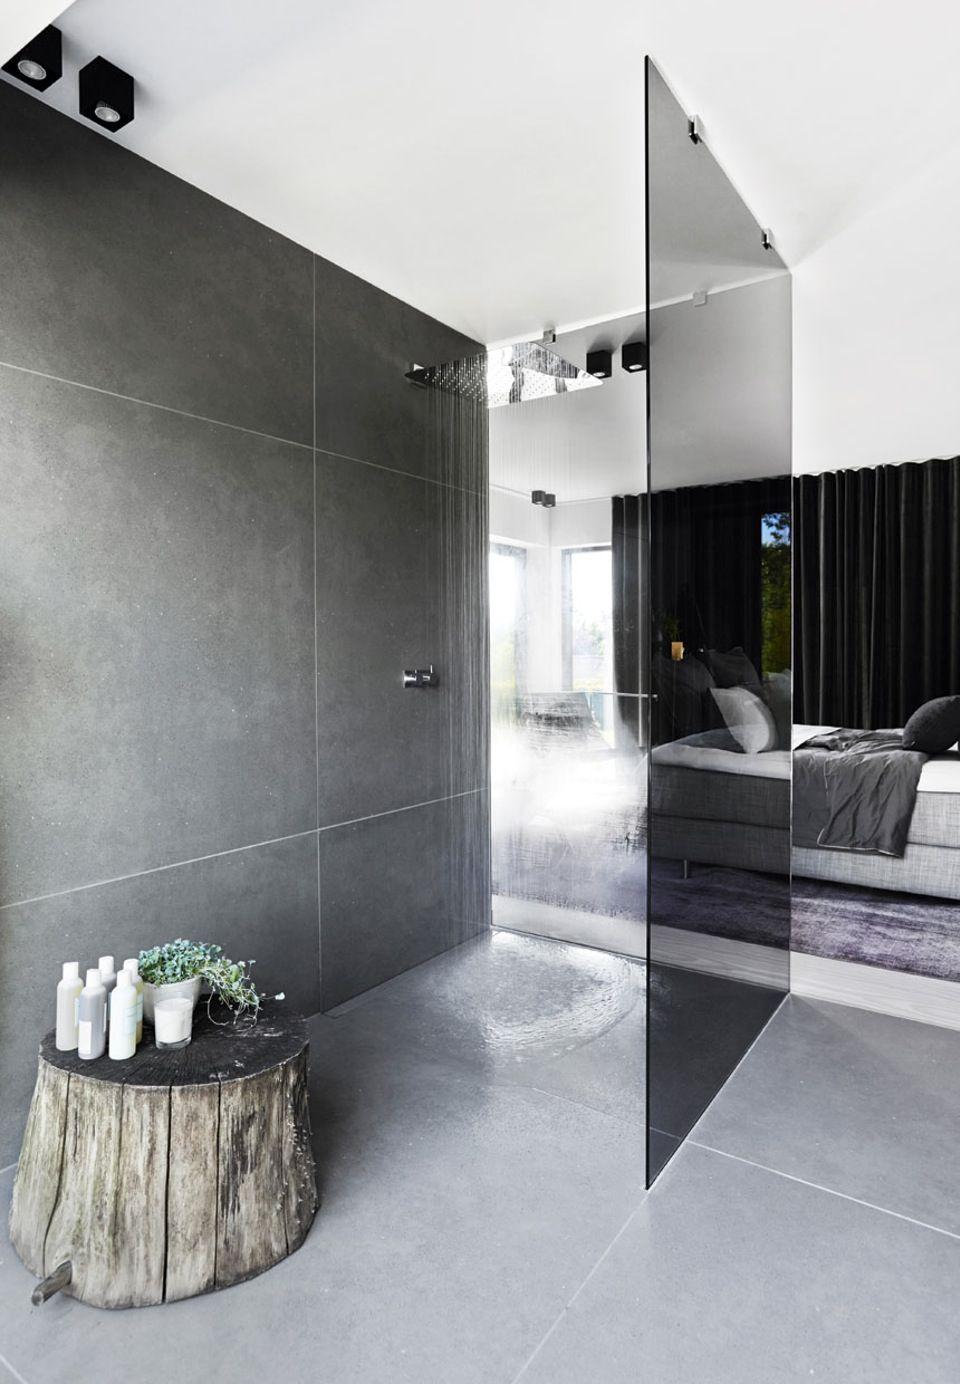 Haus badezimmer design highlights fra bo bedre emil thorups drømmesommerhus  bath